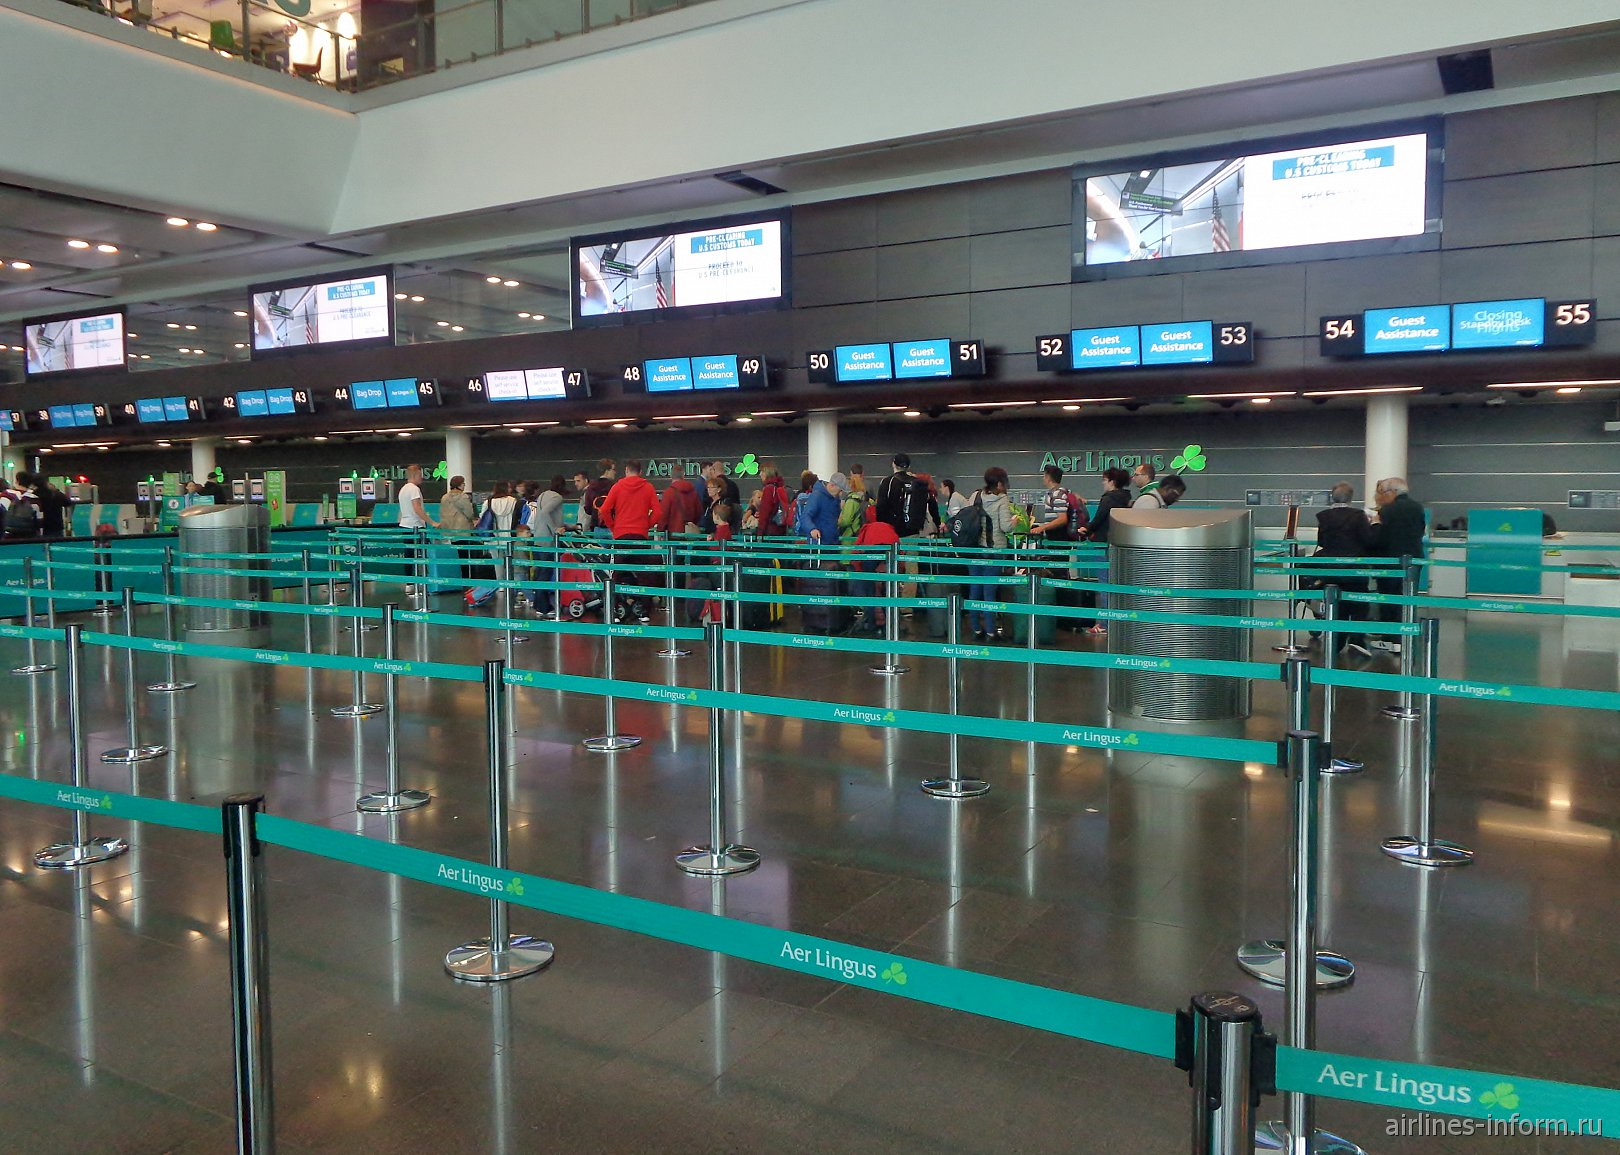 Стойки регистрации авиакомпании Aer Lingus в терминале 2 аэропорта Дублин